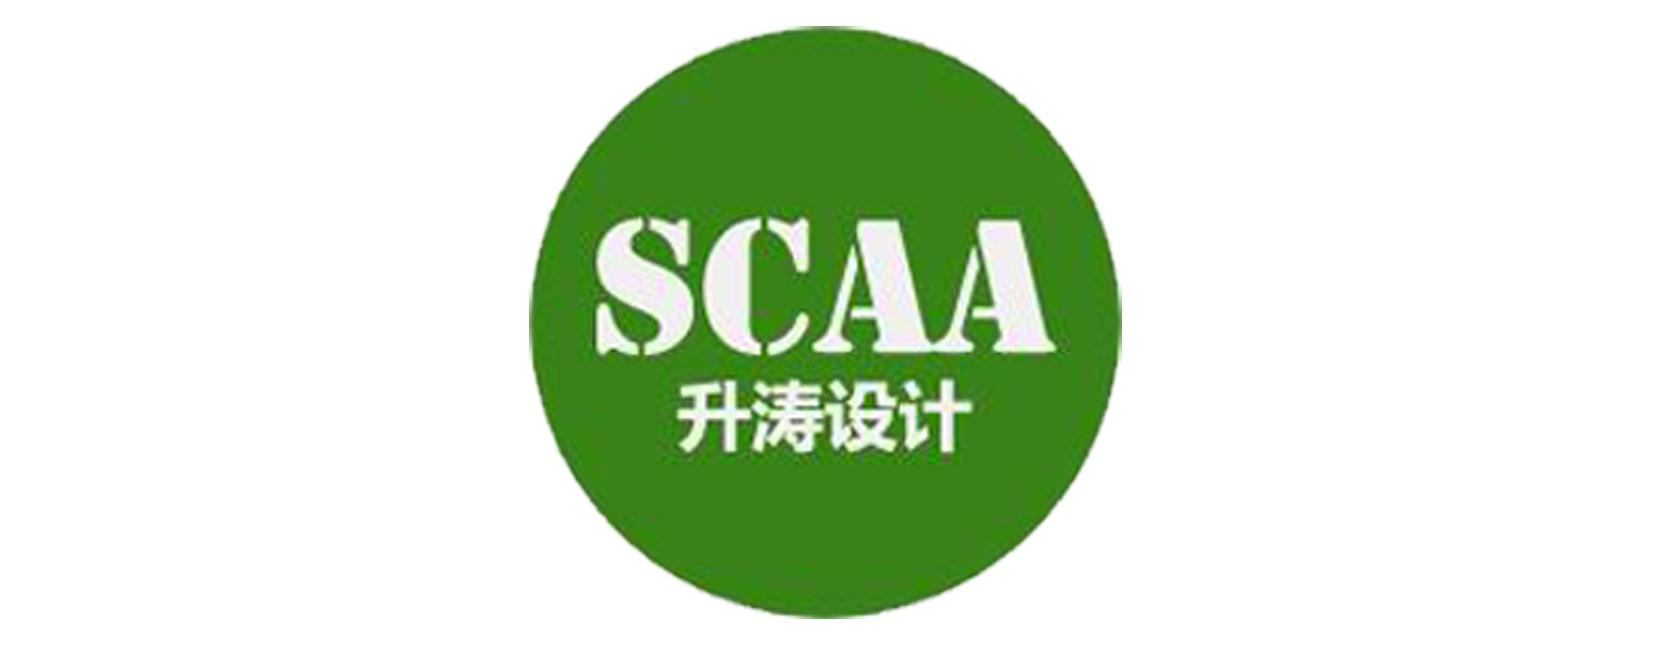 上海升涛建筑景观设计有限公司